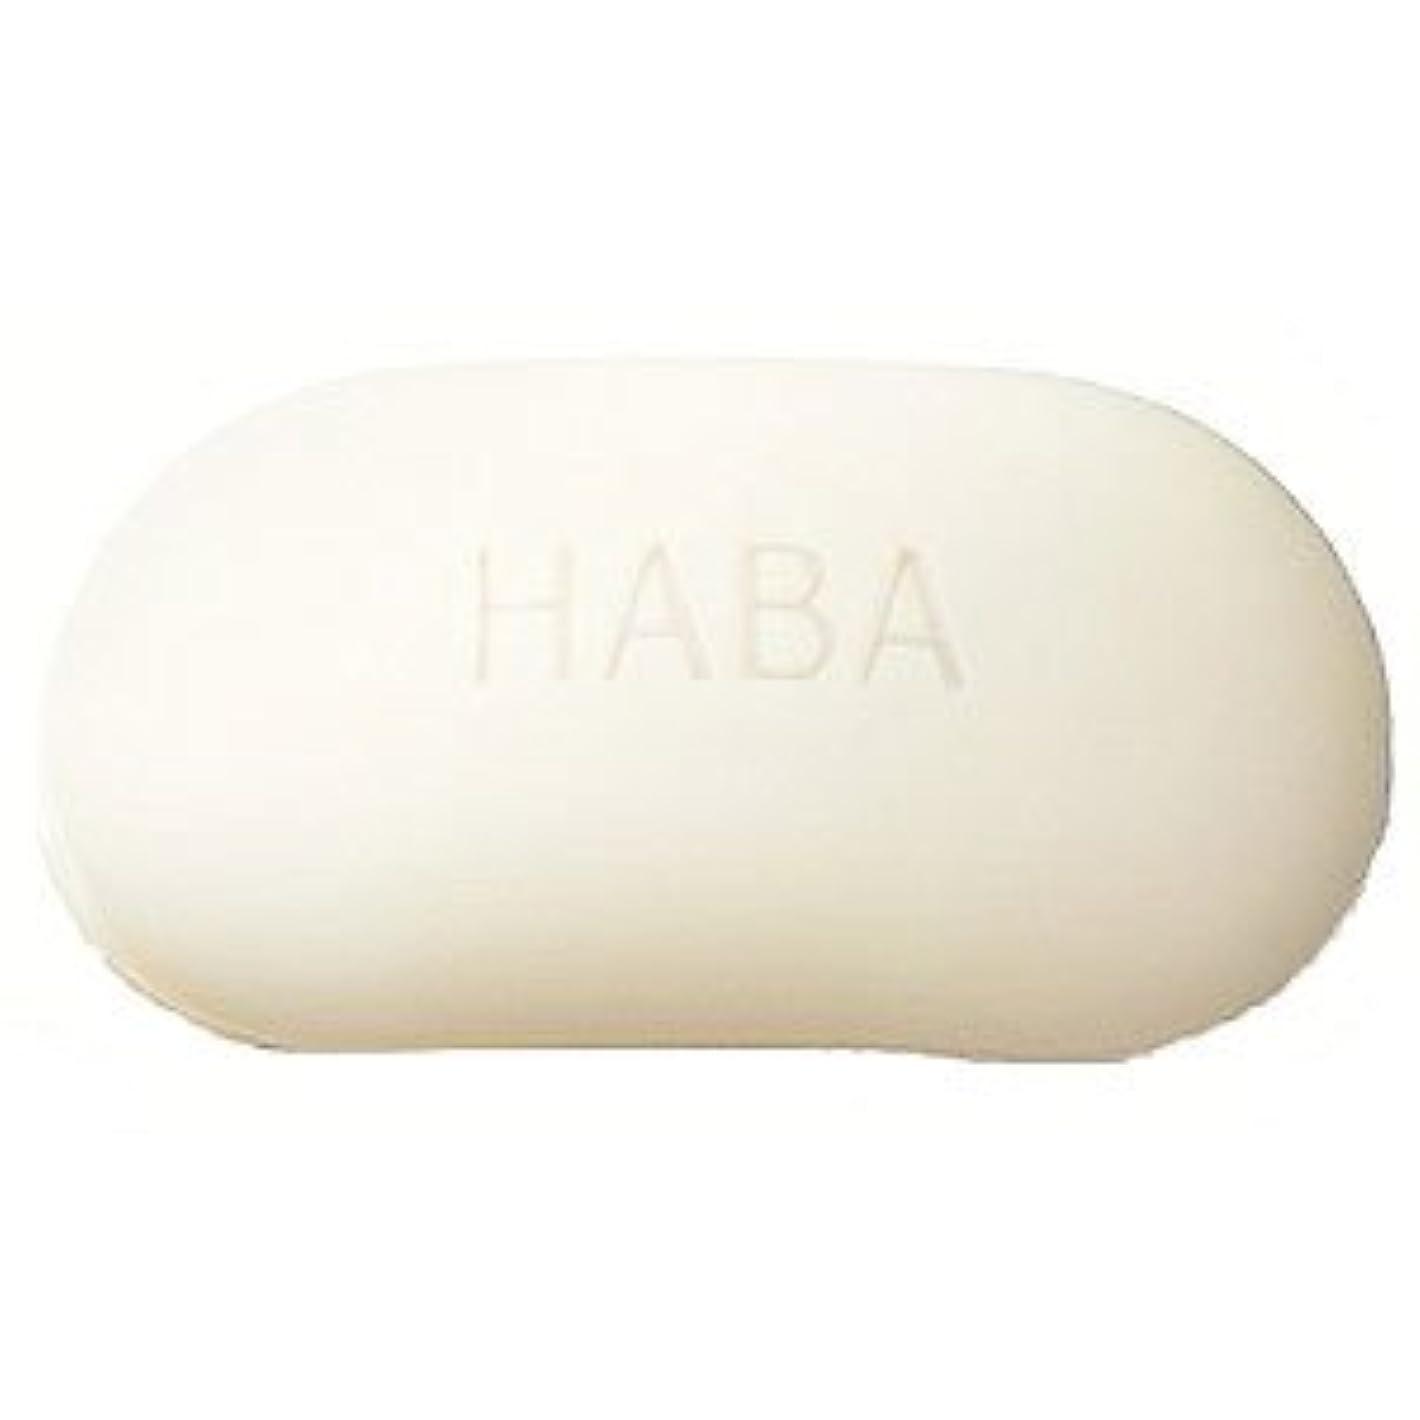 信仰蛾フェンスHABA 絹泡石けん 2個組<HABA/ハーバー(ハーバー研究所)>